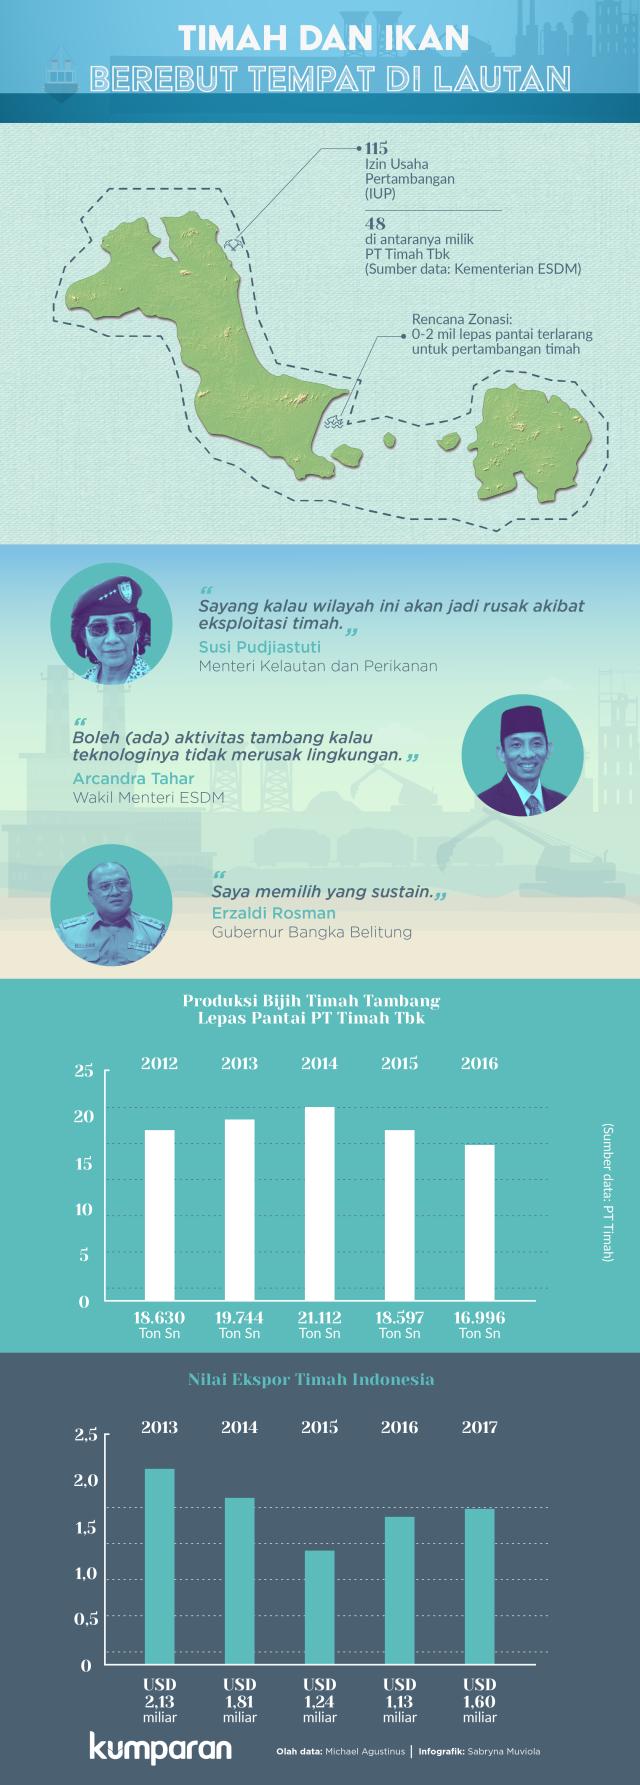 Timah dan Perikanan Bangka Belitung